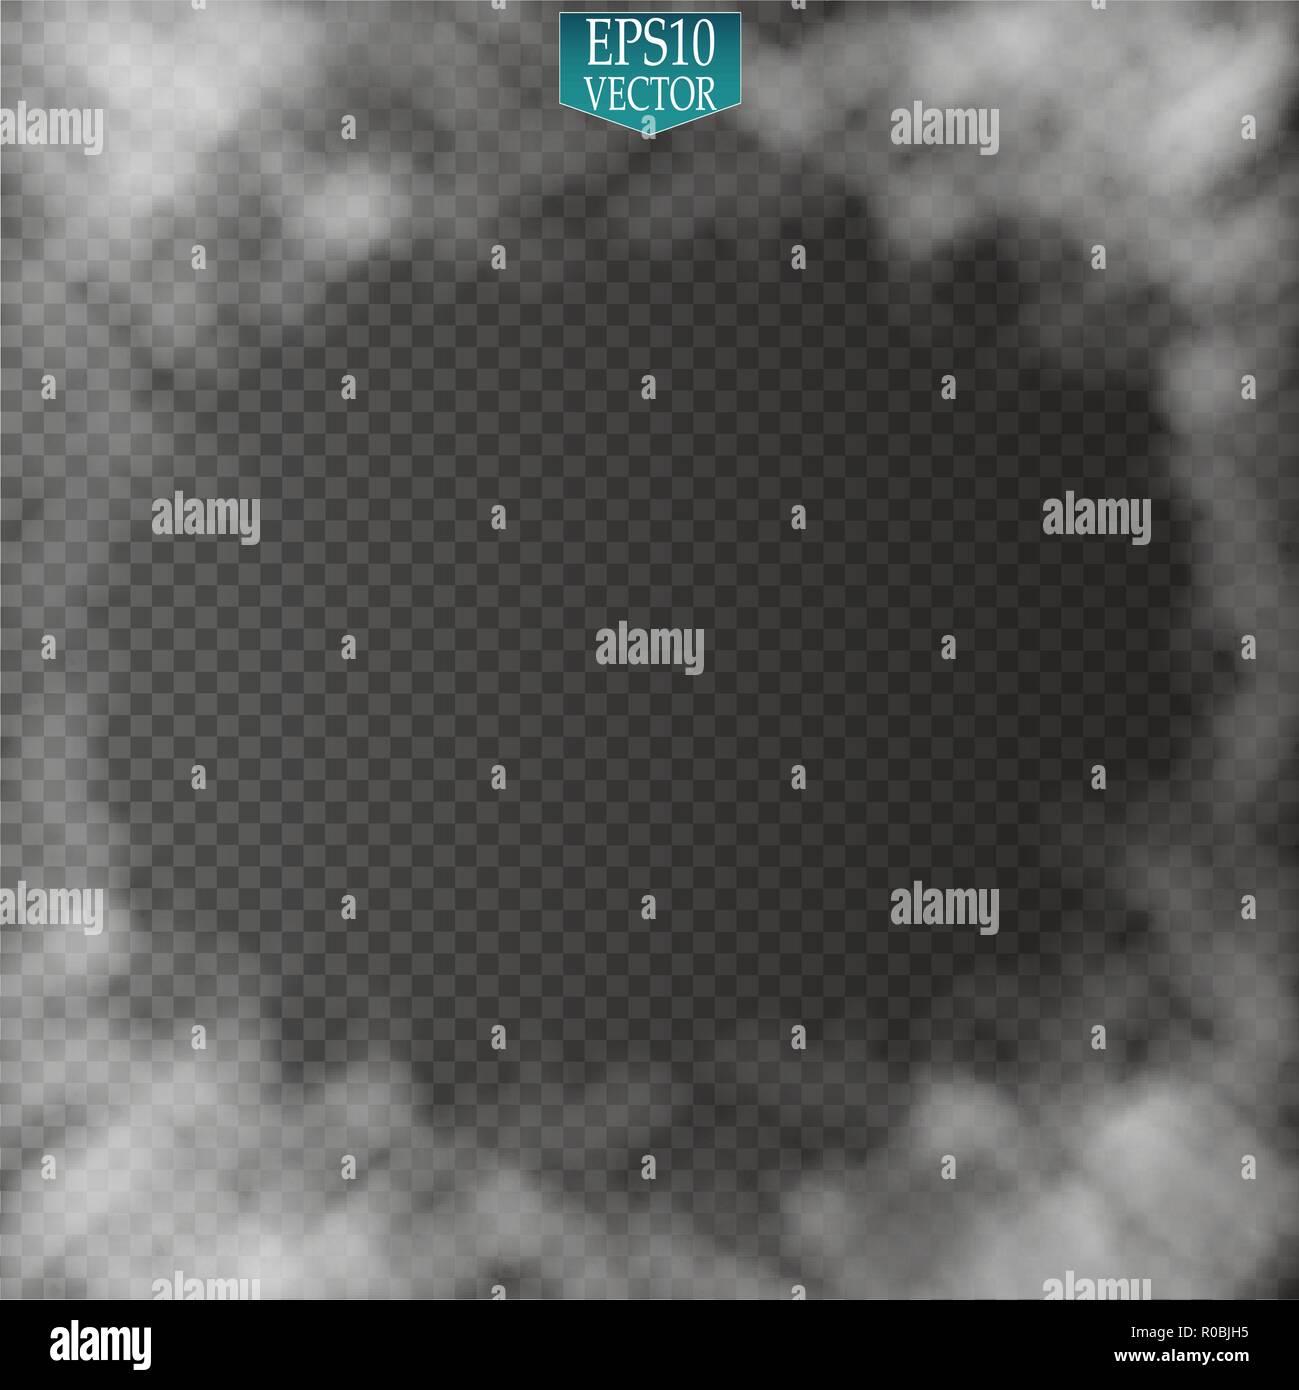 Nebel oder Rauch isolierte transparente Spezialeffekt. Weiße Vektor Bewölkung, Nebel oder Smog Hintergrund. Vektor-illustration Stockbild